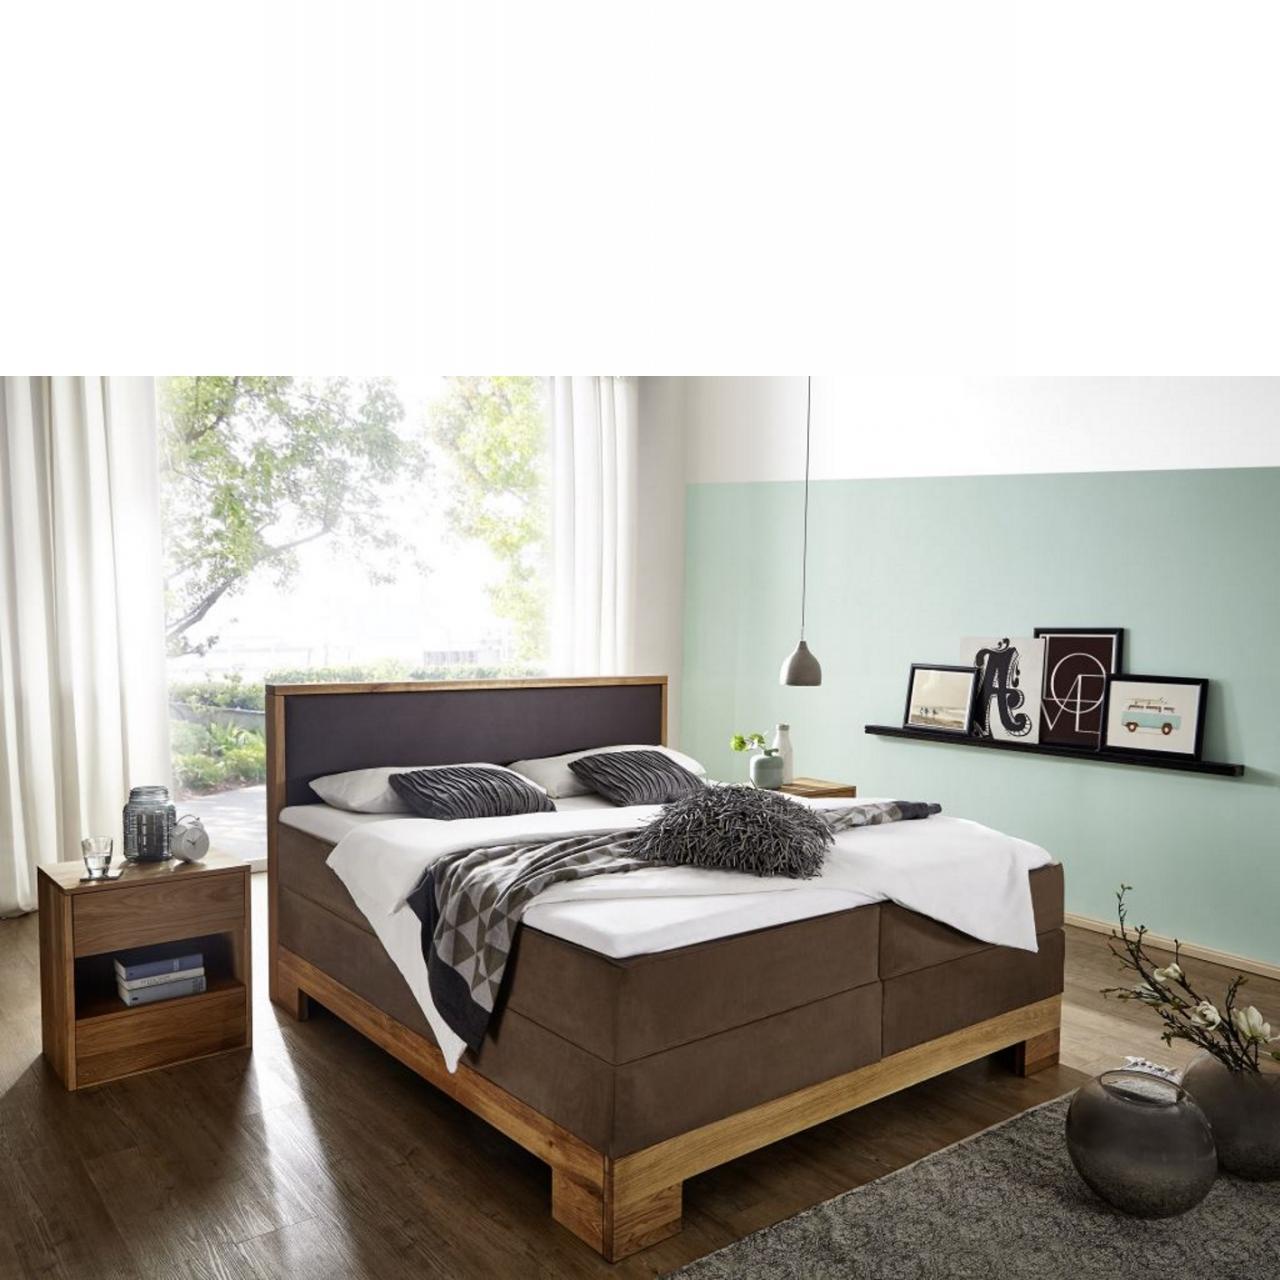 Bett braun - 180x210 cm - Wildeiche massiv